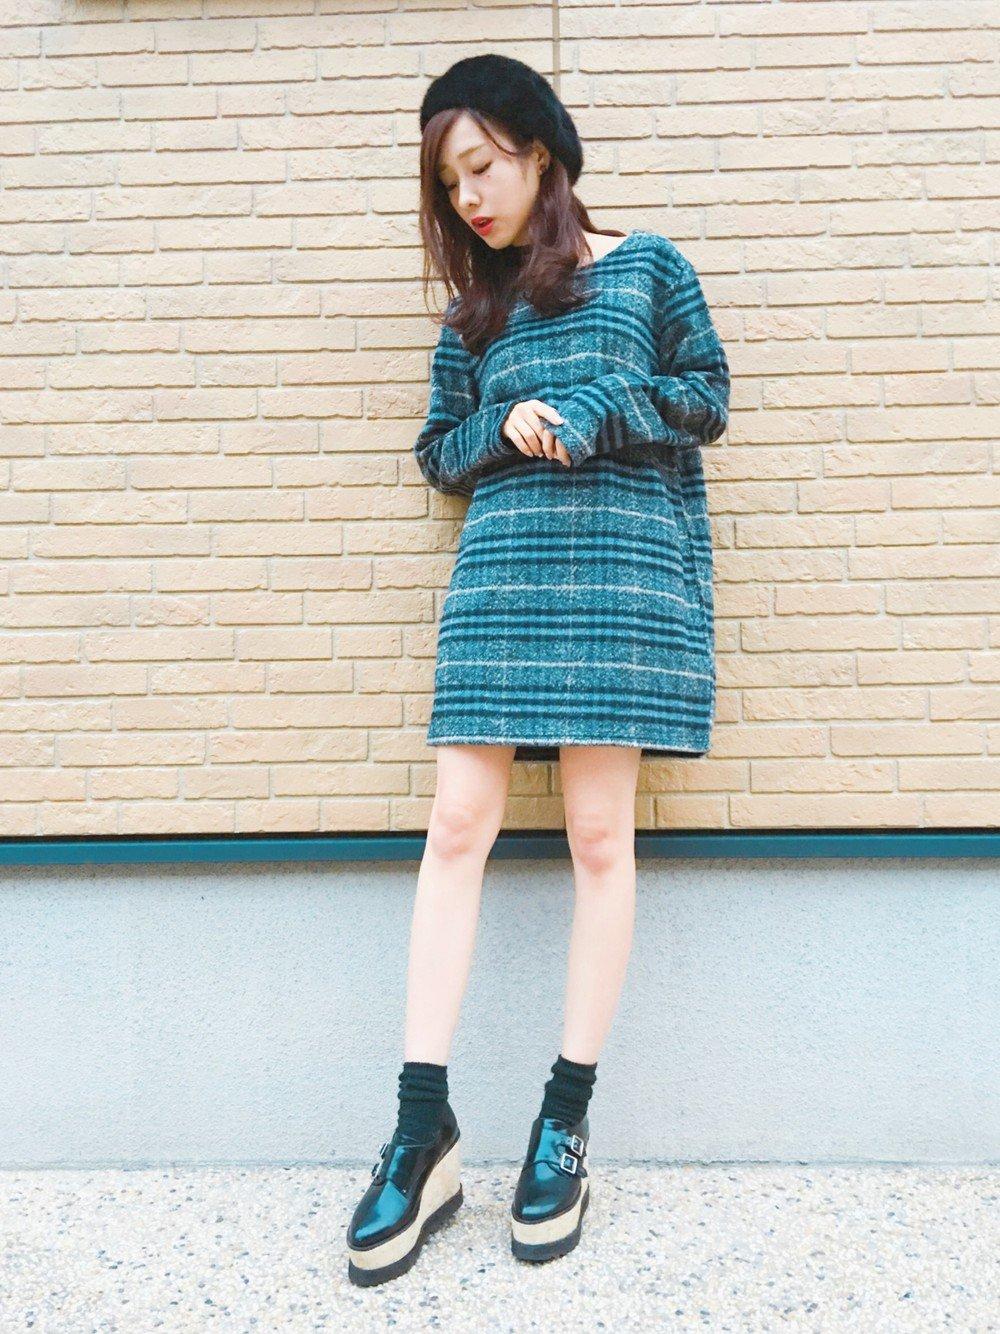 最新「韓国」k-fashion!「オルチャンファッション」大人可愛い画像集!